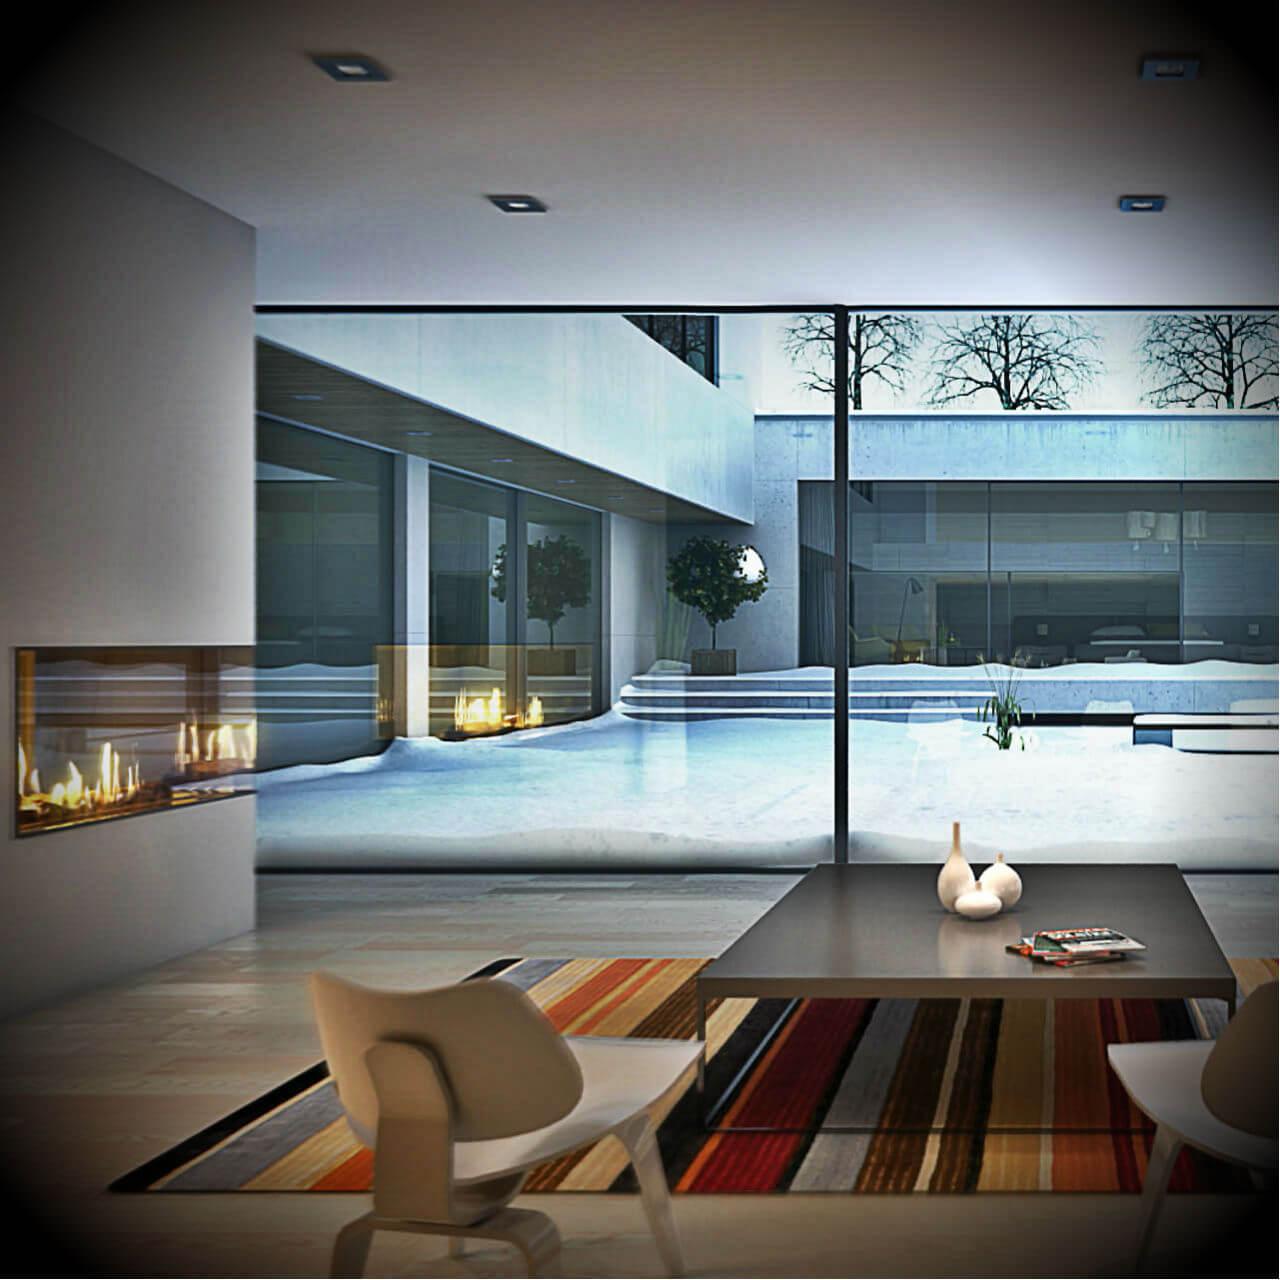 Auditores Energéticos em Edifícios Residenciais @ Leça da Palmeira - AEP